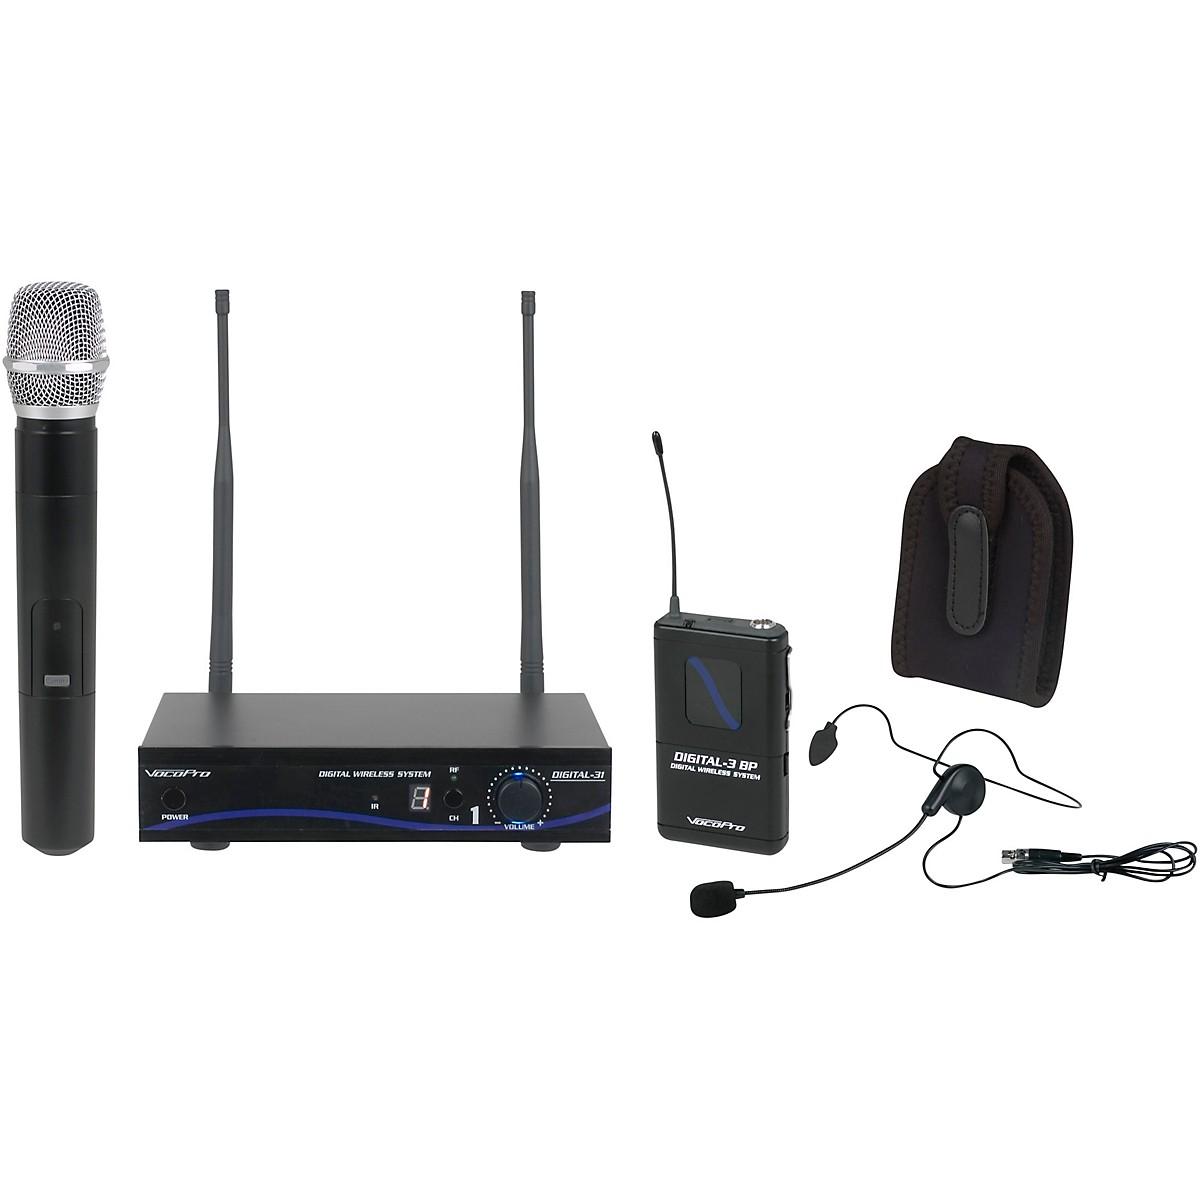 VocoPro DIGITAL-31-ULTRA Wireless System, Single-Channel